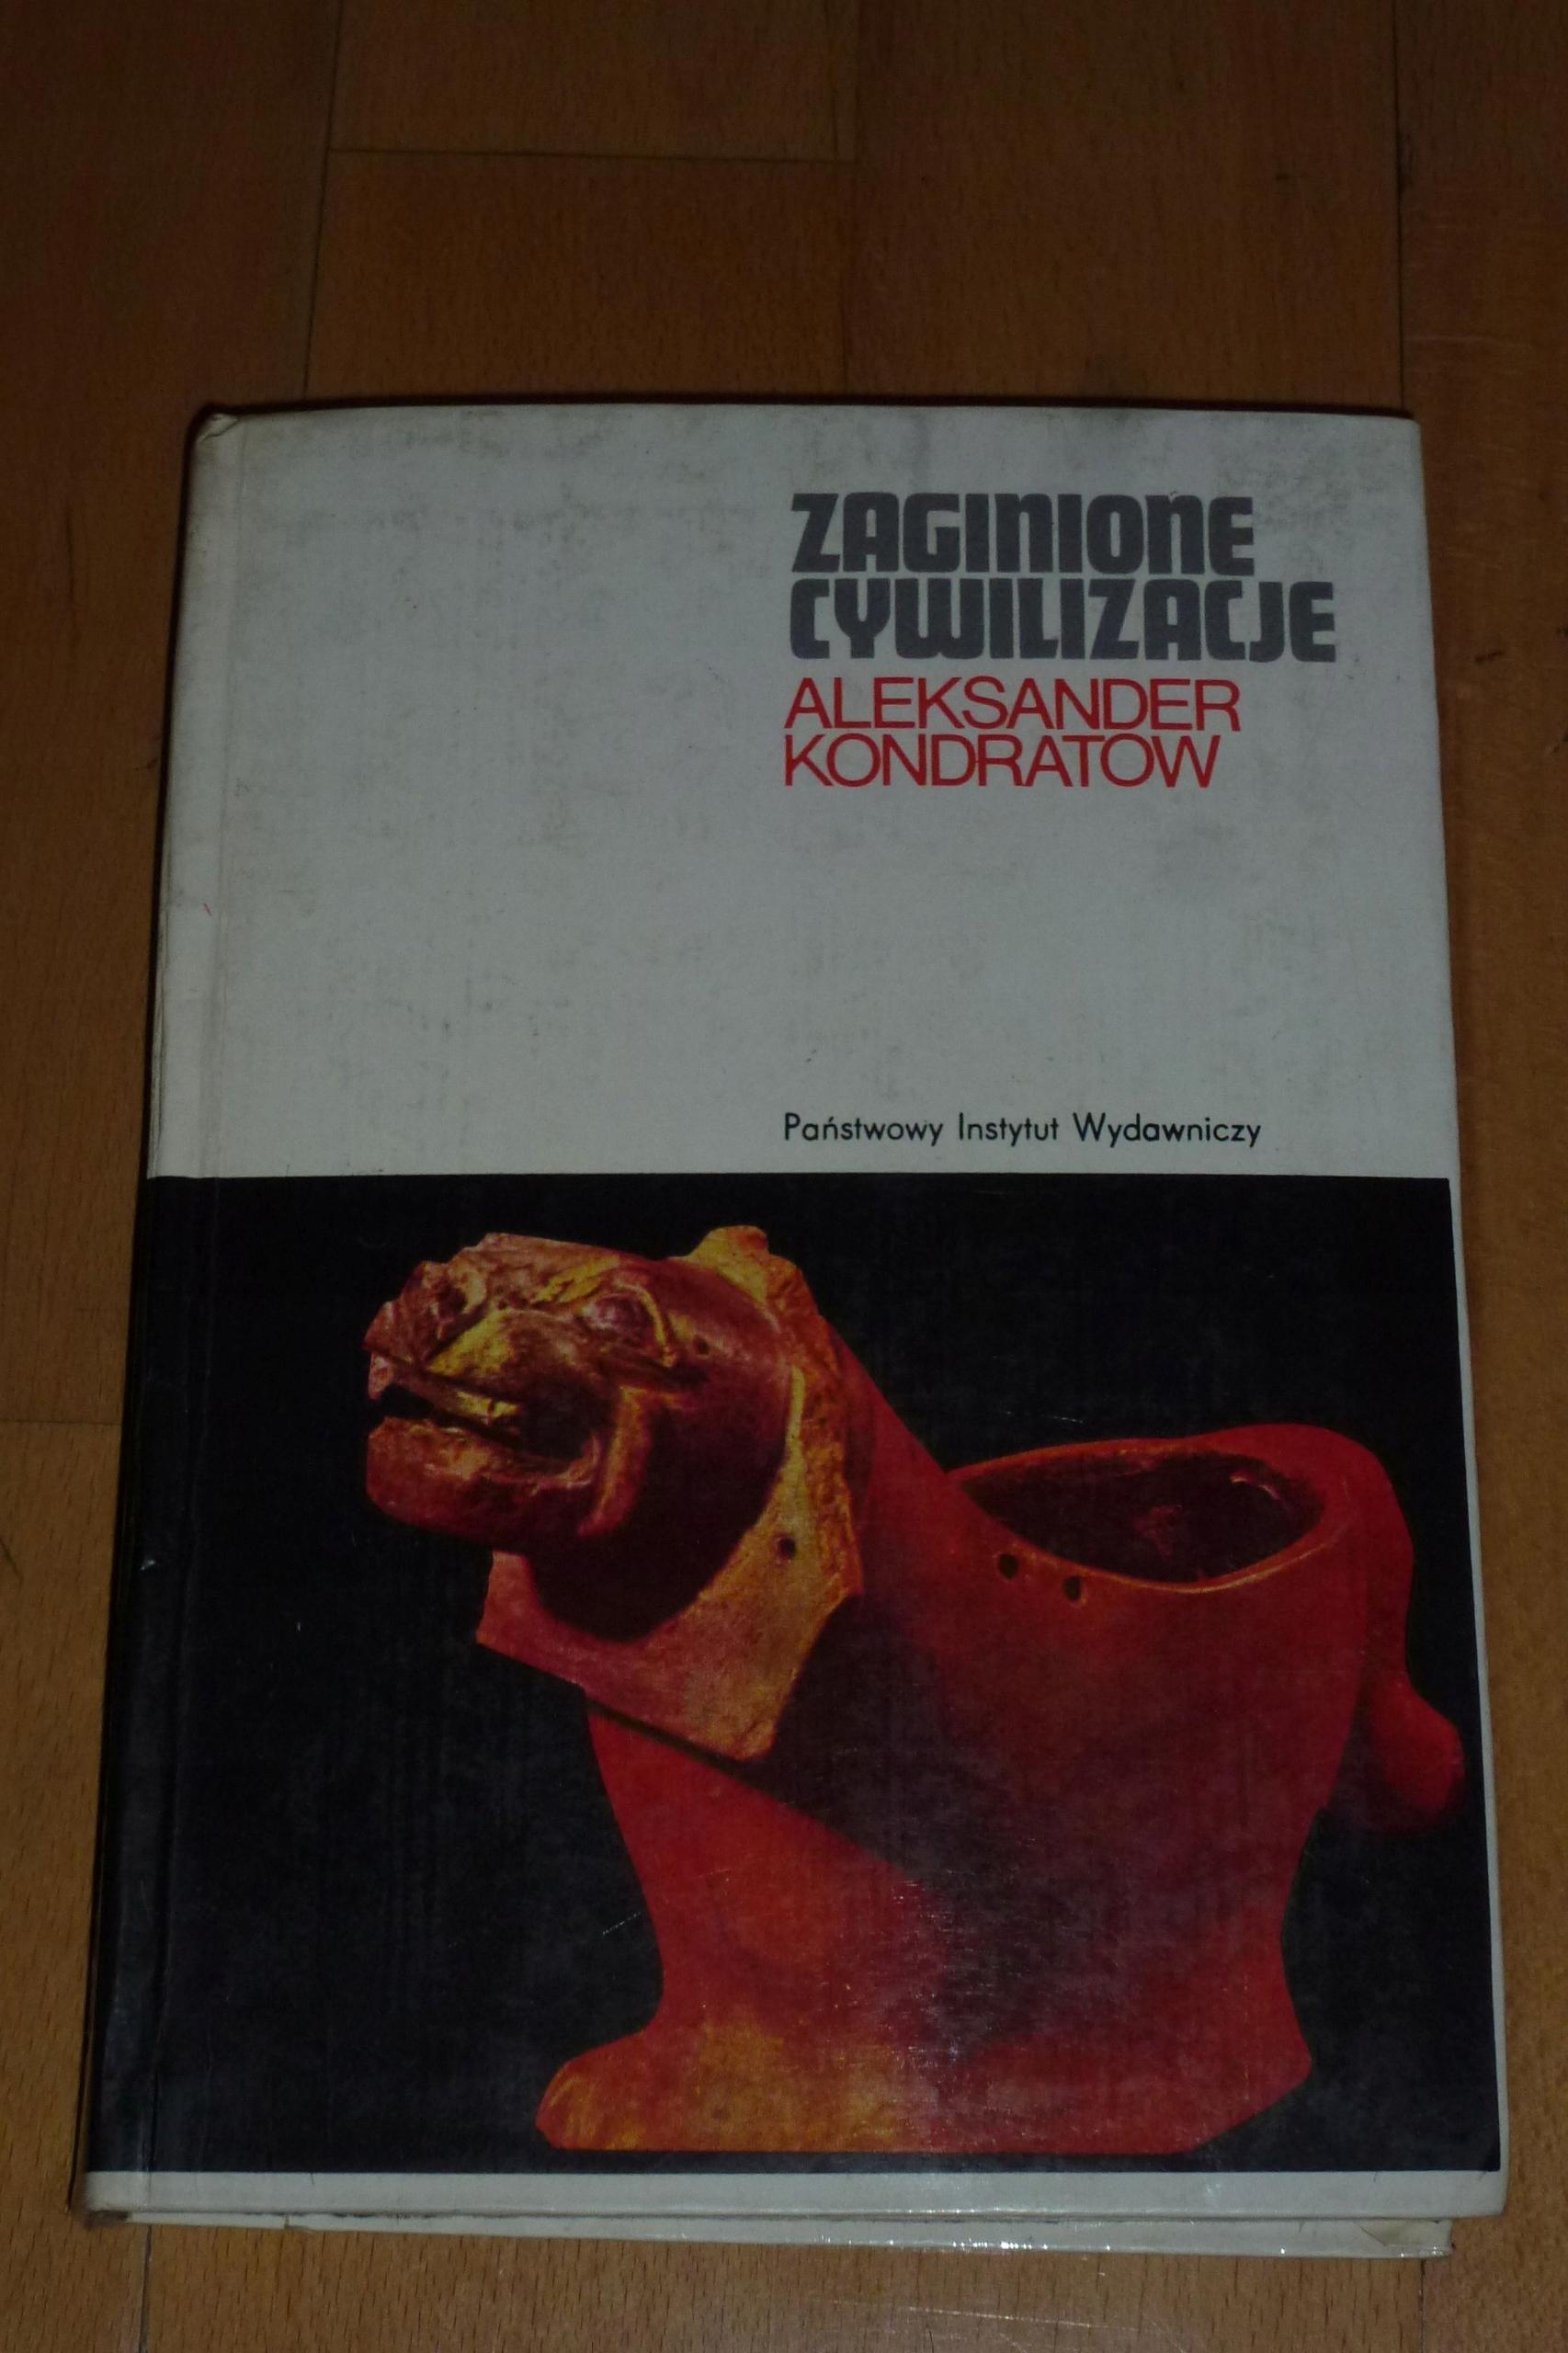 Zaginione cywilizacje - Aleksander Kondratow